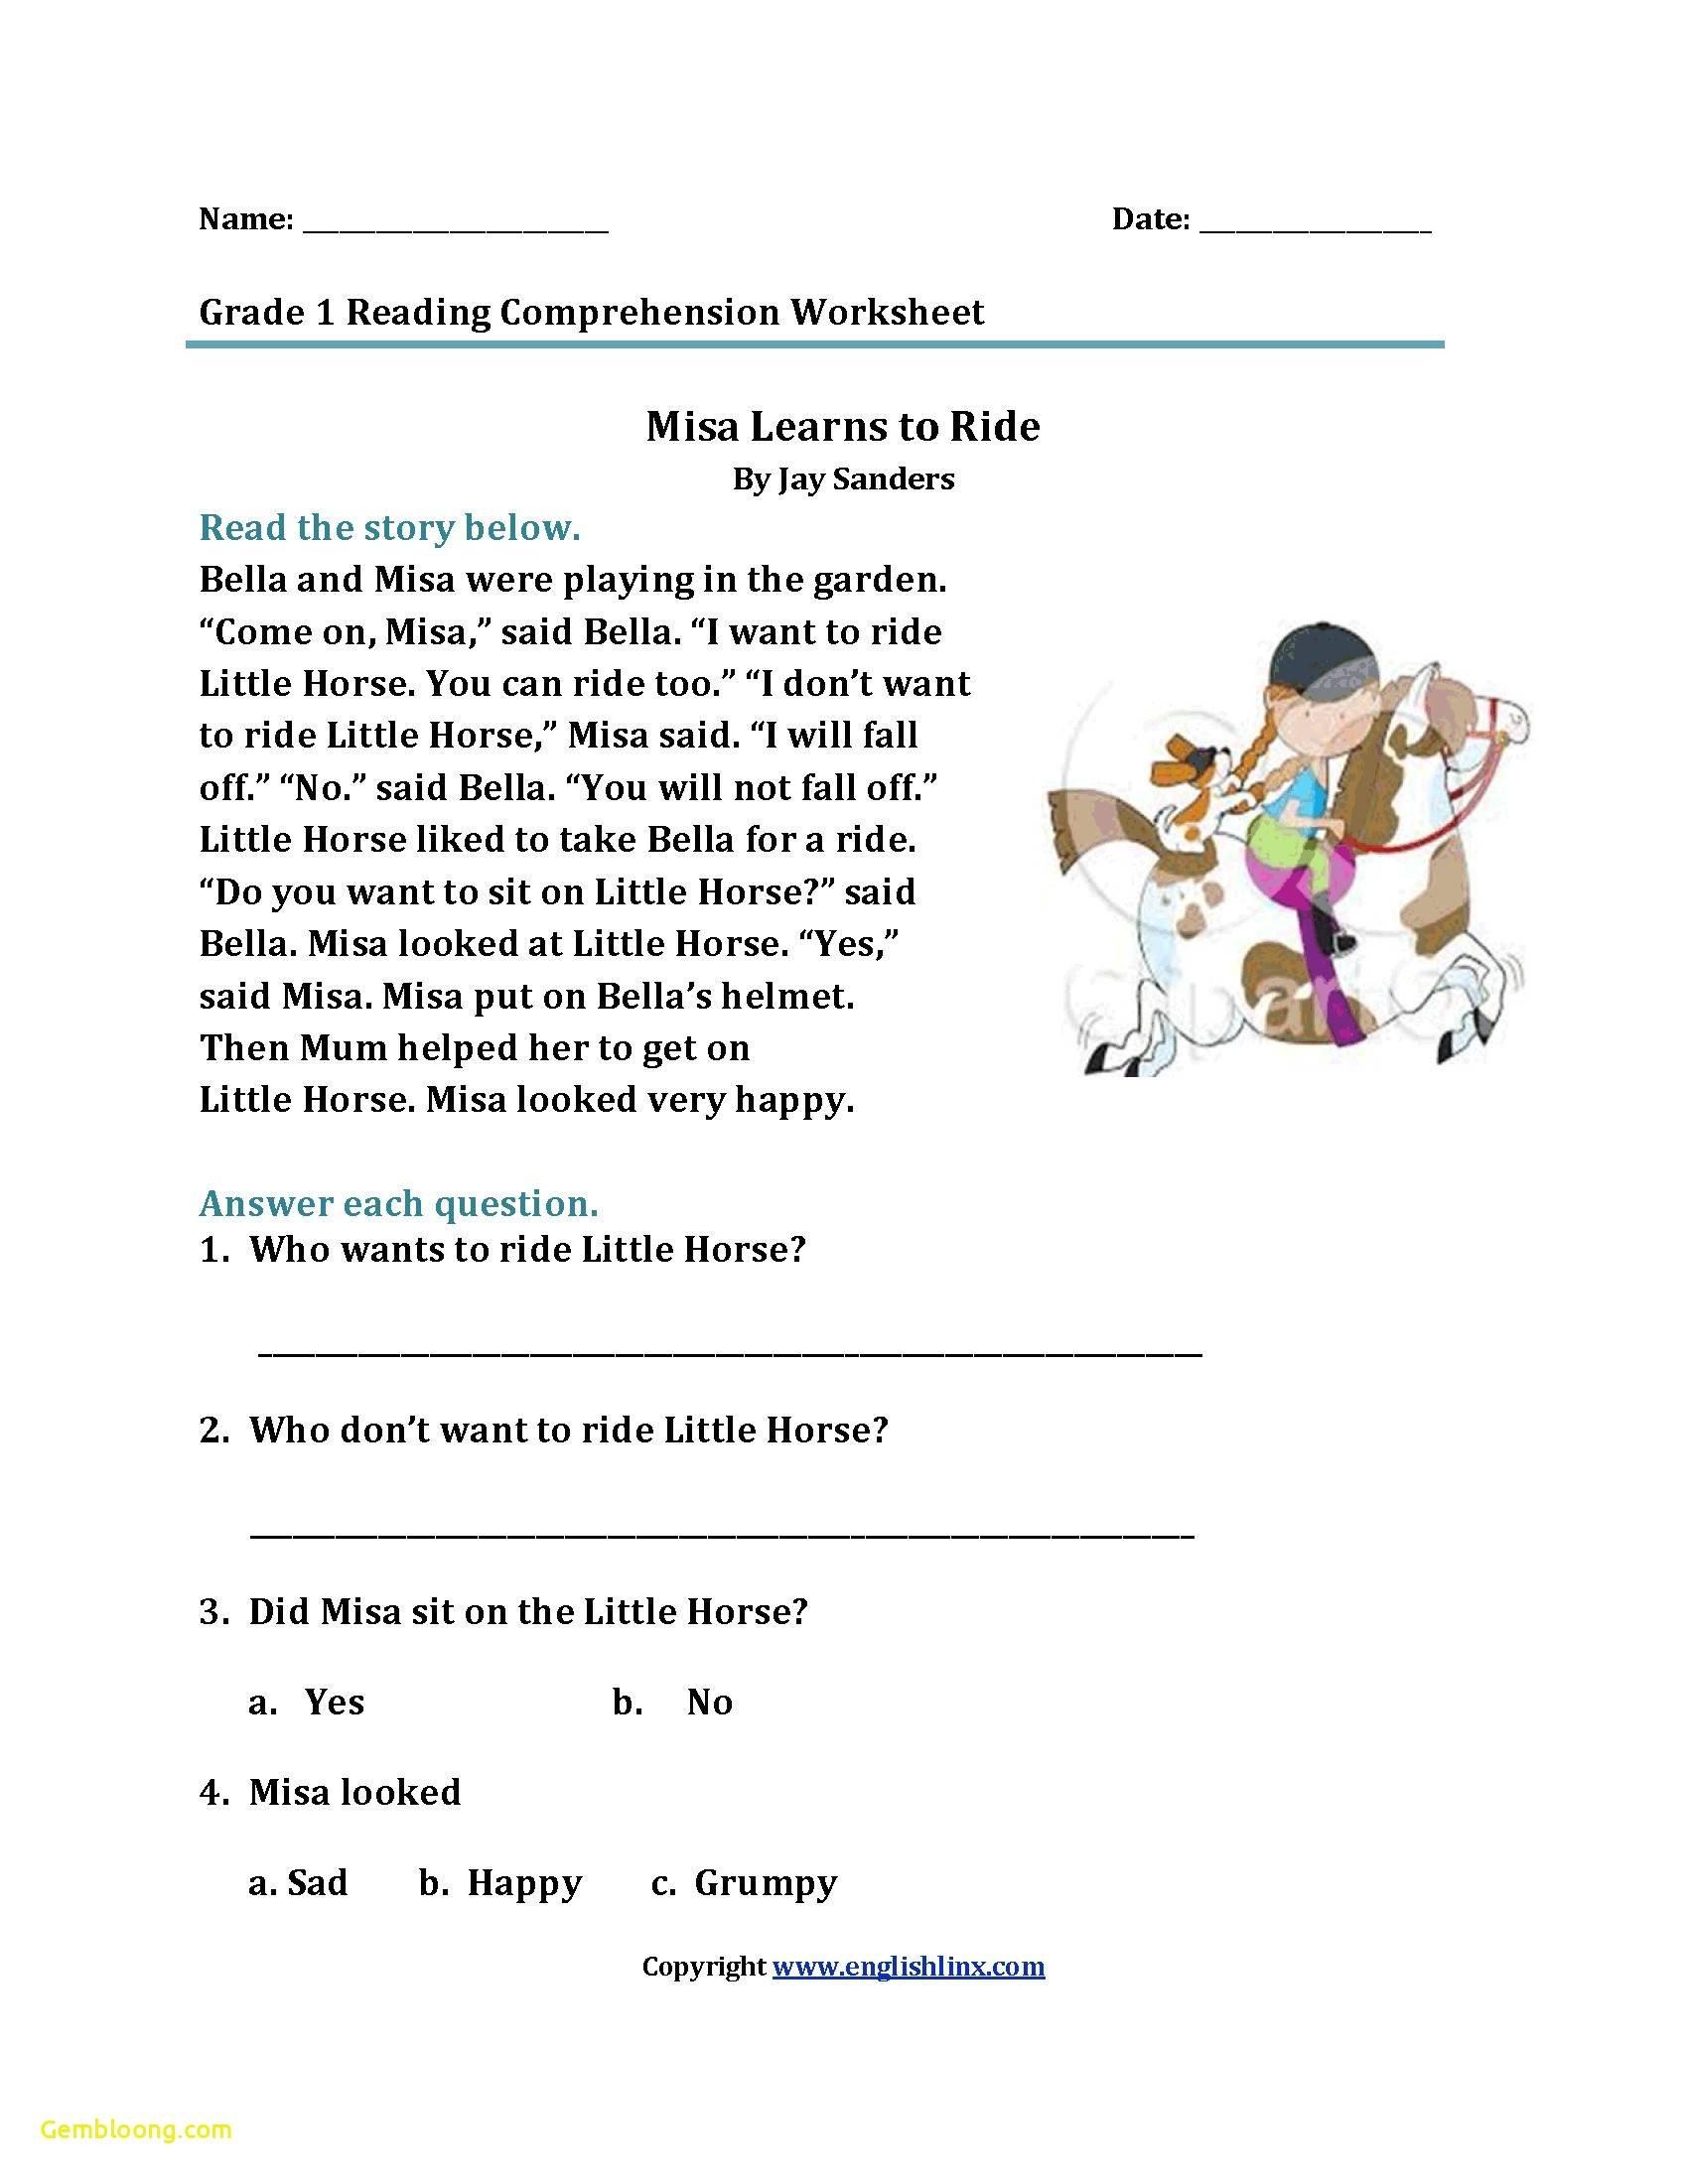 Reading Comprehension Worksheets For 1St Grade  Cramerforcongress With Comprehension Worksheets For Grade 1